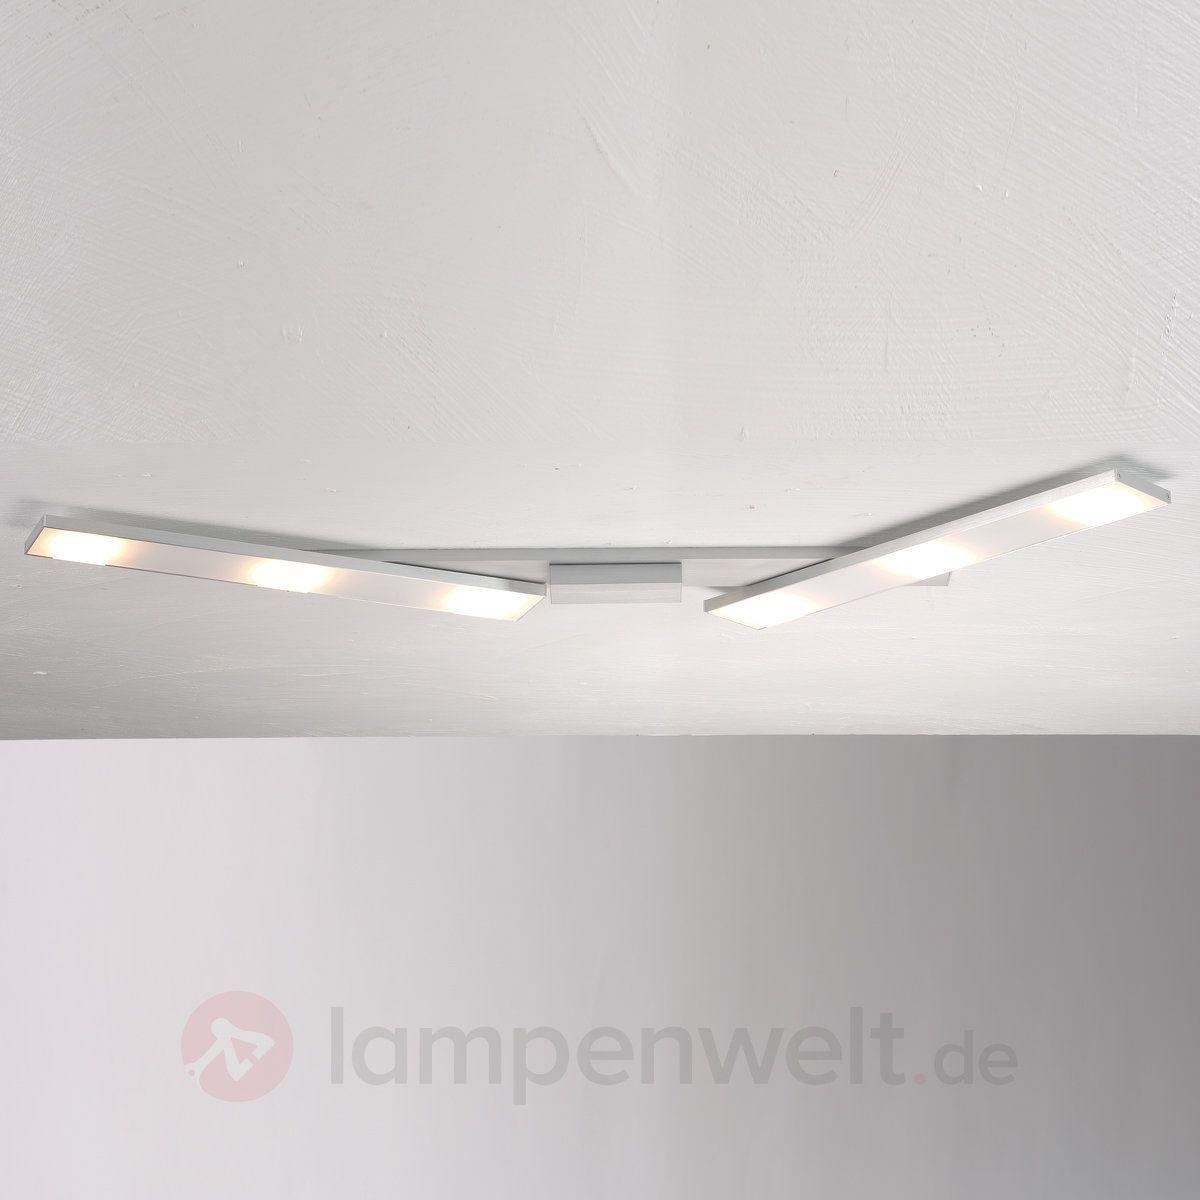 deckenlampe arbeitsplatz besonders bild und fadddeccfbe